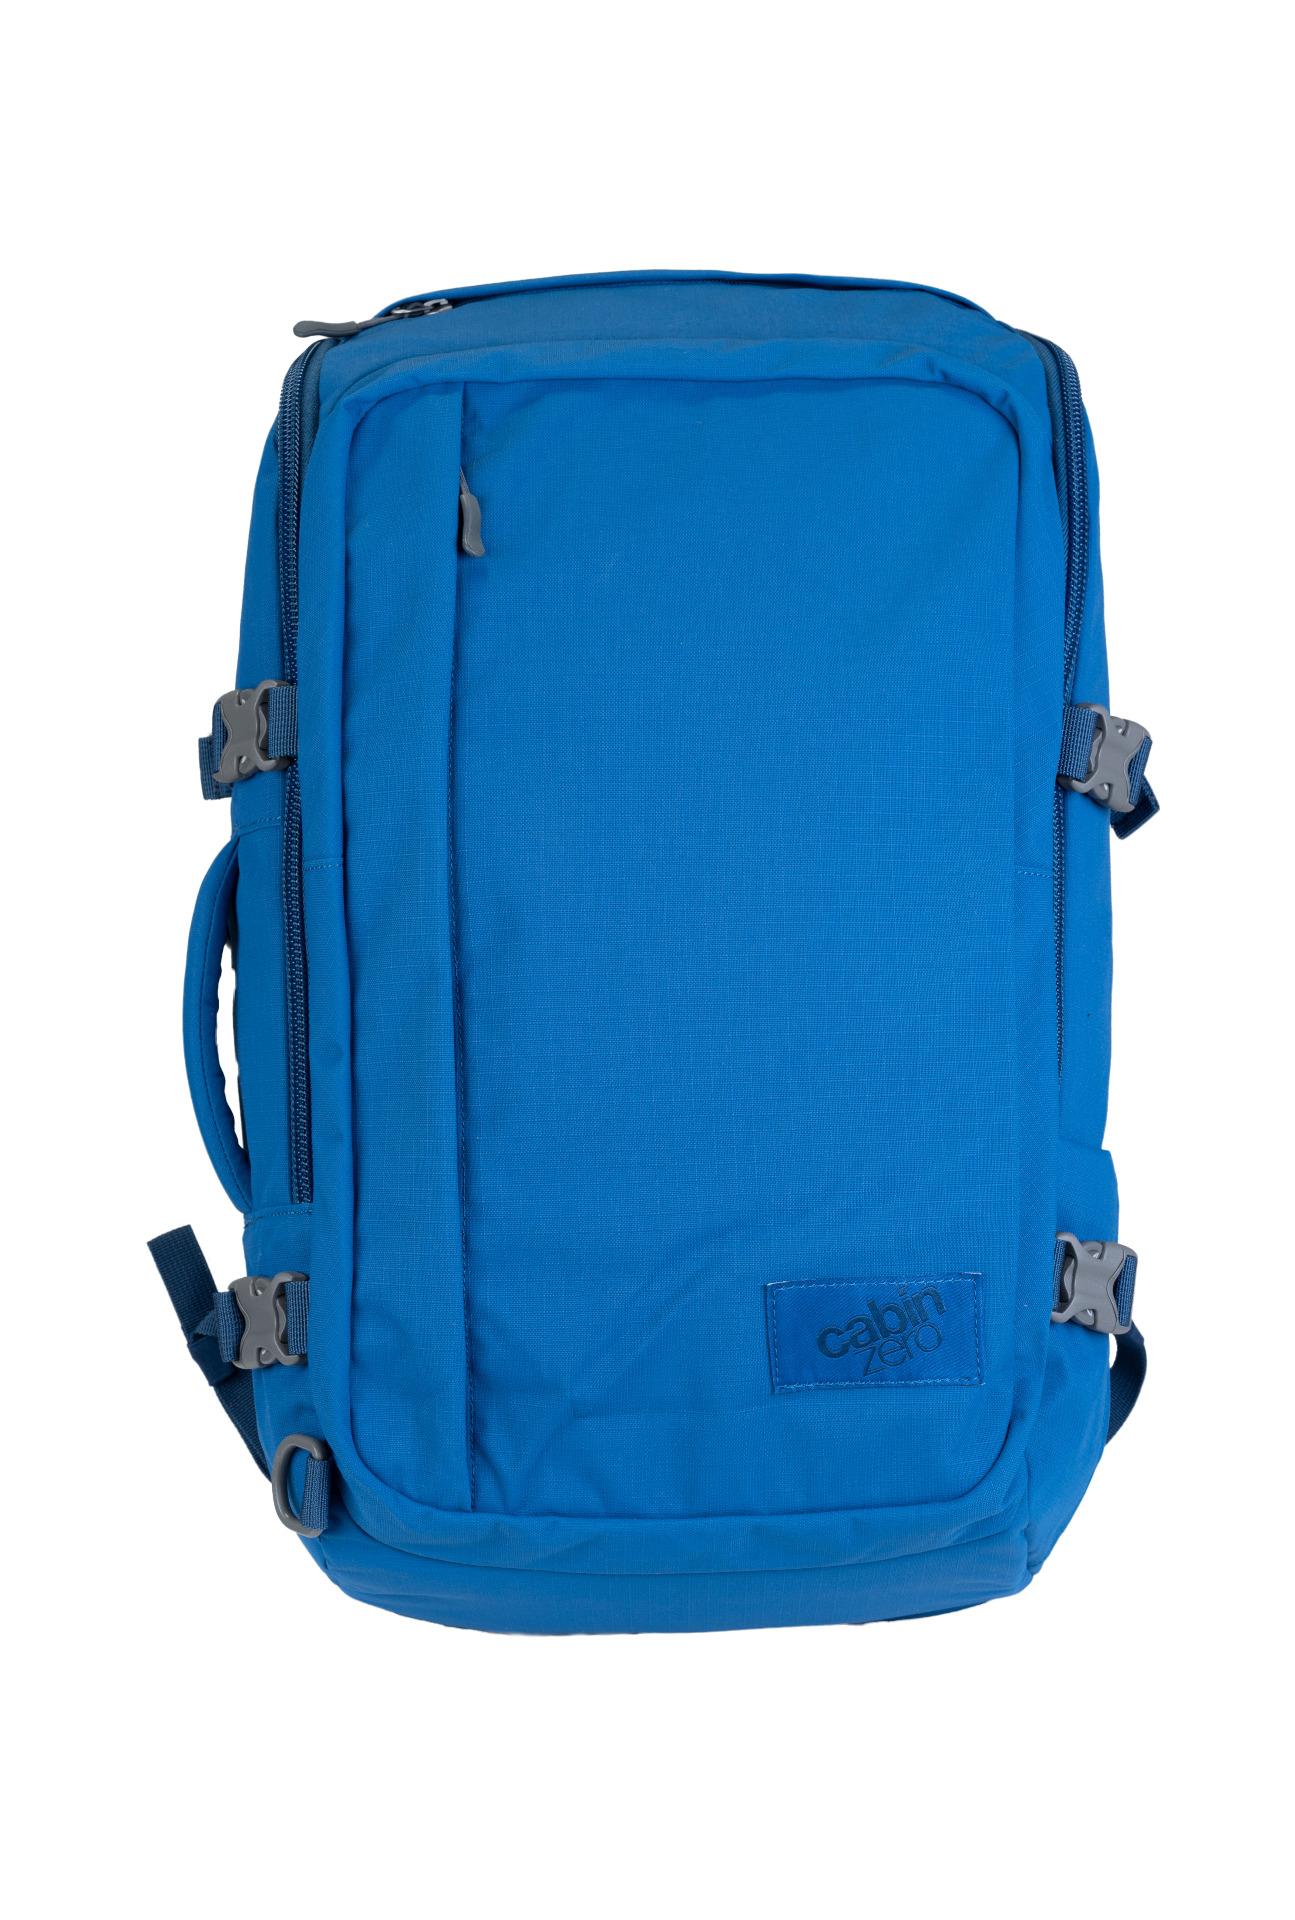 """CabinZero Adventure 32L Atlantic Blue.  spĺňa rozmery palubnej batožiny ultraľahký možnosť plnenia zhora i spredu vďaka širokému otváraniu nastaviteľné čalúnené ramenné popruhy čalúnený chrbtový panel balančné popruhy pre pritiahnutie nákladu bližšie k chrbtu vrecko na 15,5"""" notebook špeciálne YKK zipsy uzamykateľné zipsy horné a bočné madlá veľké predné vrecko na zips pre jednoduchú orientáciu a balenie vnútorné sieťované vrecká hrudný pás oddelené vrecko na fľašu bočné kompresné popruhy vodný stĺpec 1500 mm disponuje očkami pre pripnutie crossbody popruhu systém Global Luggage Tracker pre uľahčenie vrátenia batožiny  Čo je Global Luggage Tracker od spoločnosti Okoban? Ide o bezpečnostný prvok s unikátnym kódom, vďaka ktorému sa môže späť do rúk svojho majiteľa dostať stratená a znovu nájdená batožina."""